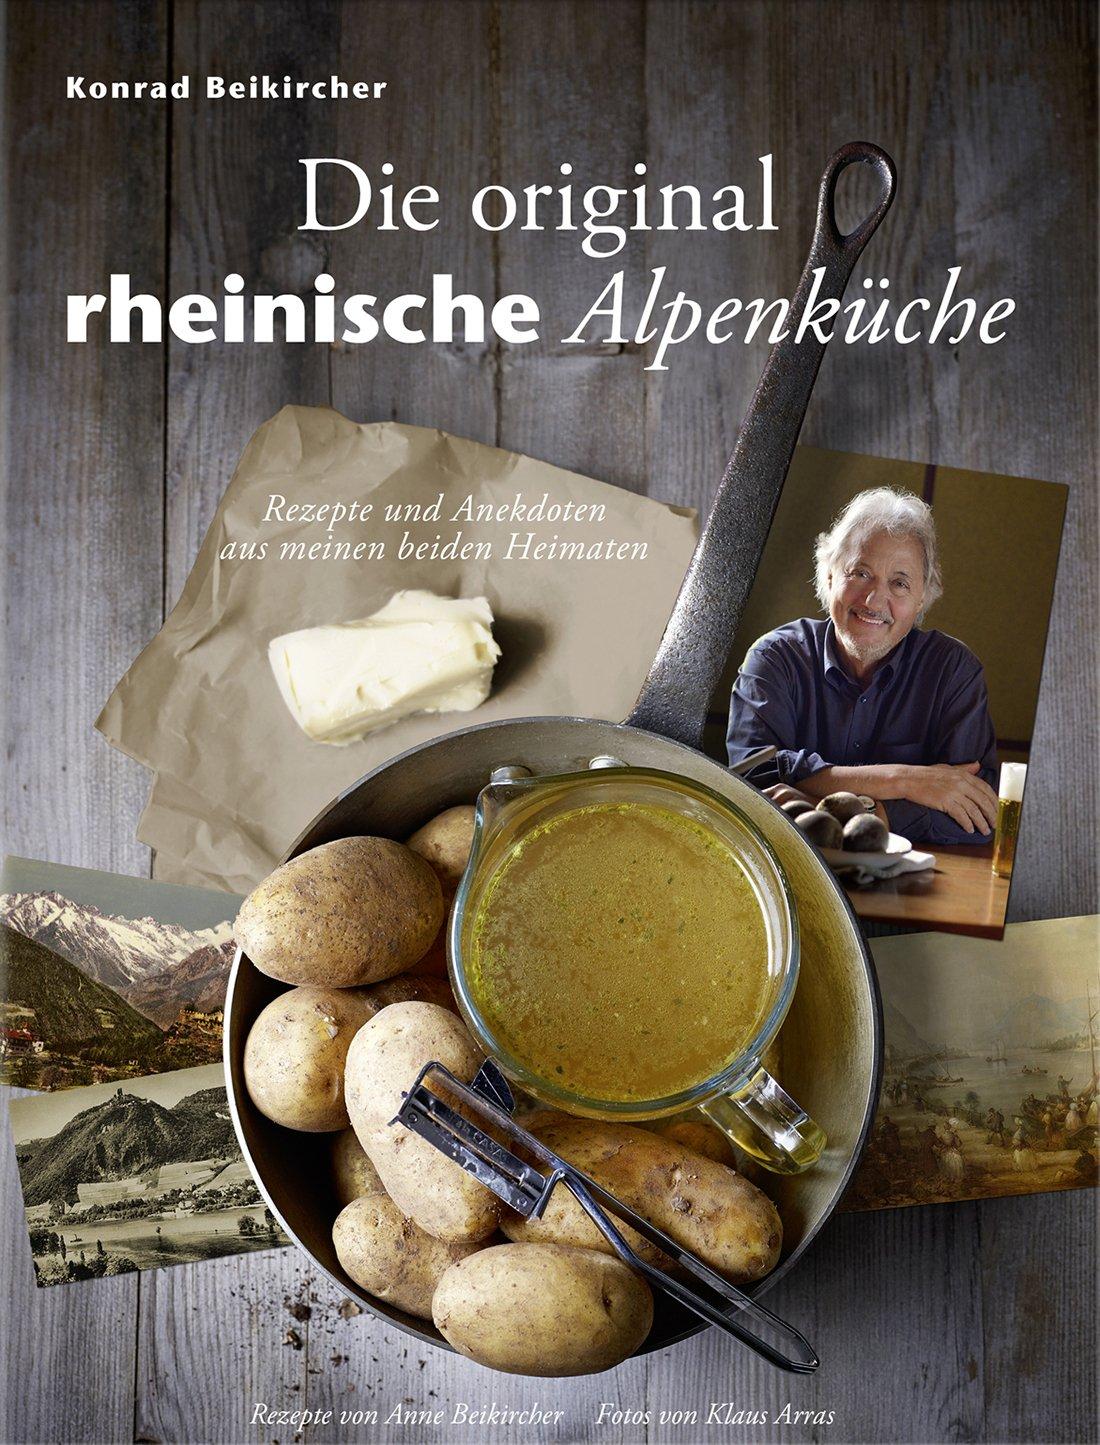 Die original rheinische Alpenküche